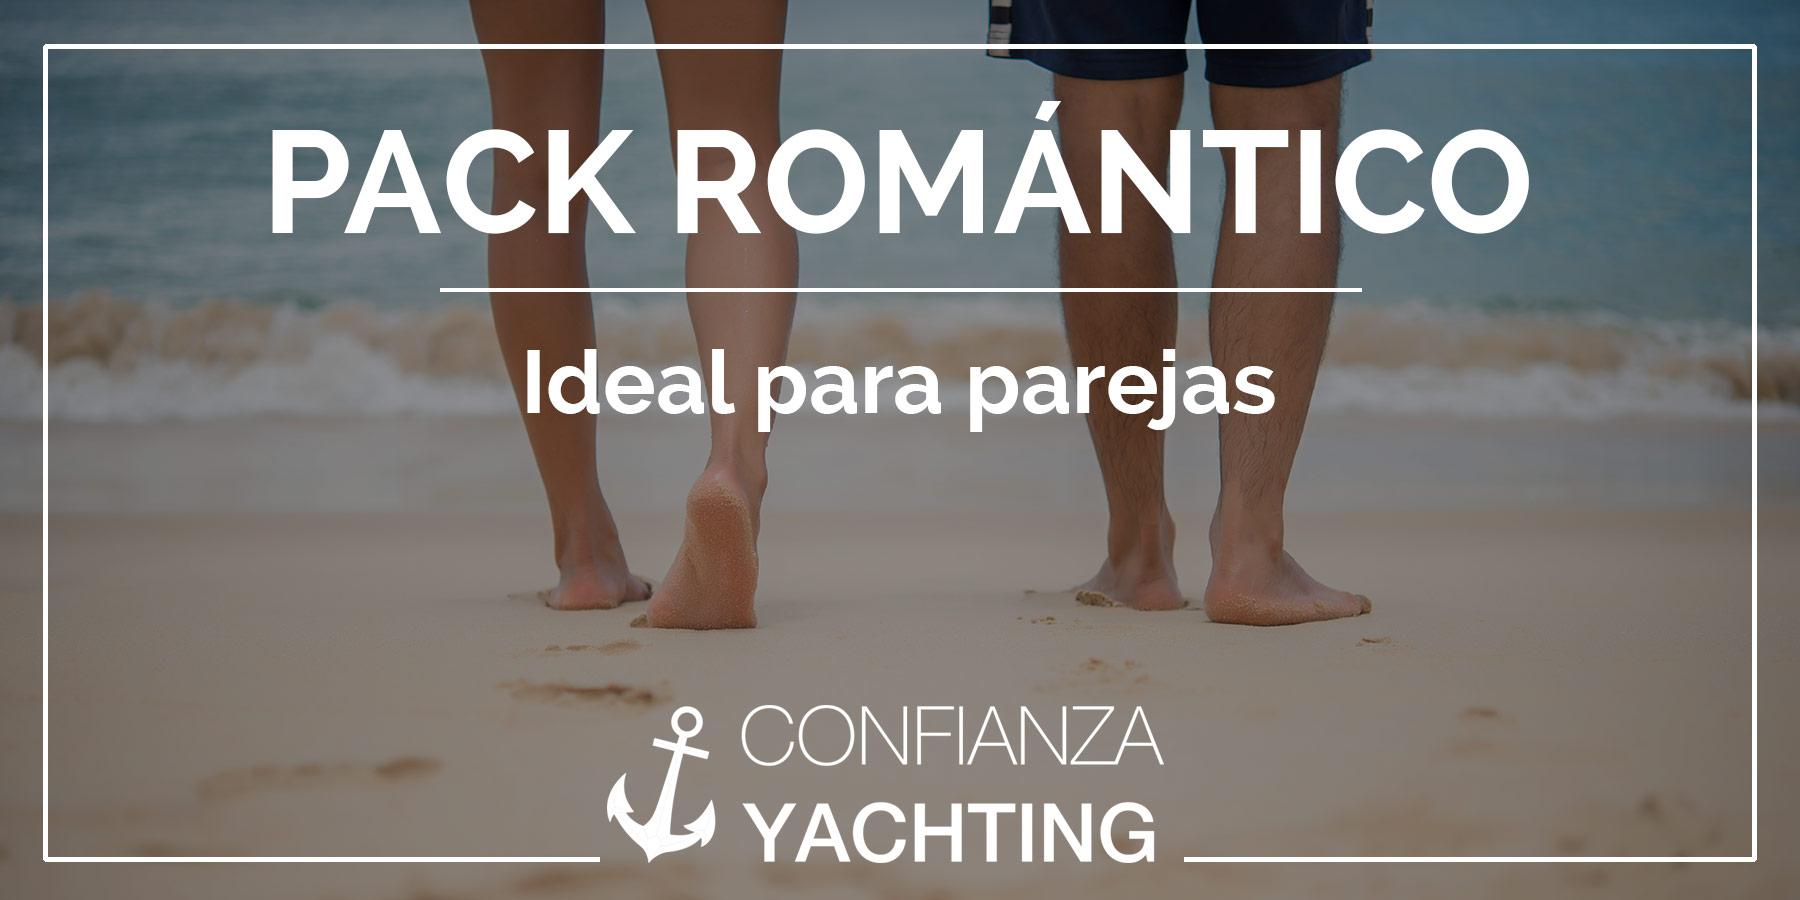 Pack romántico